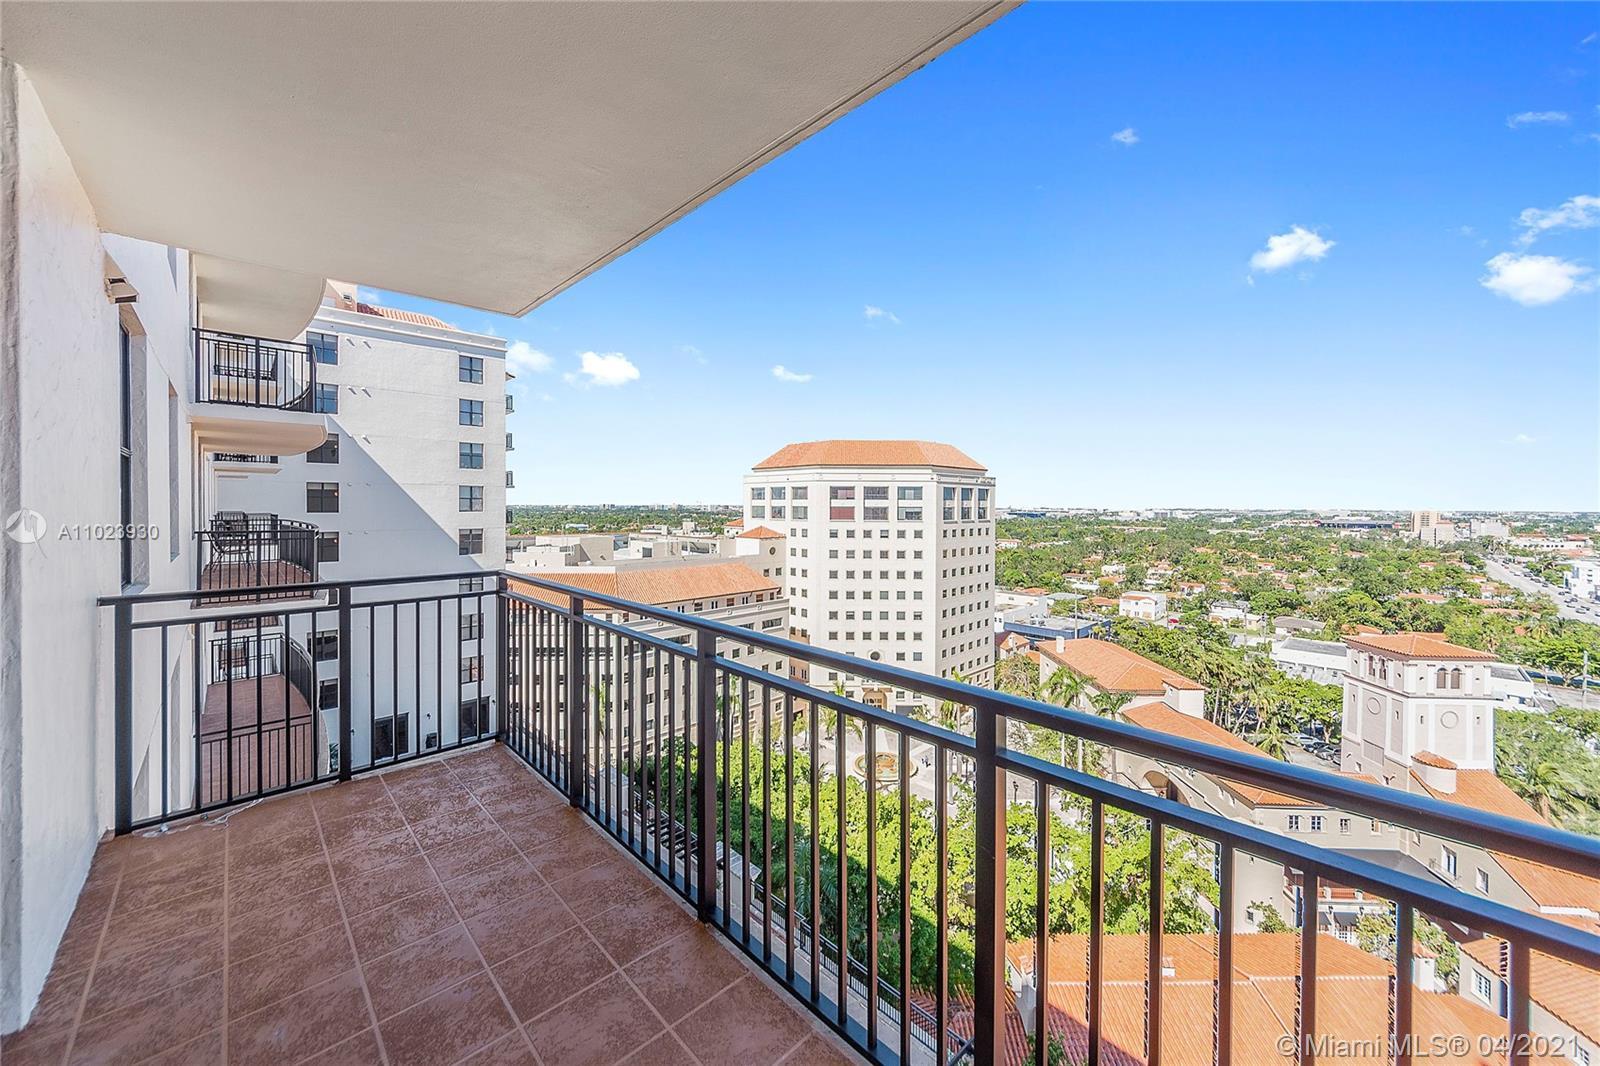 Puerta De Palmas #1407 - 888 S Douglas Rd #1407, Coral Gables, FL 33134